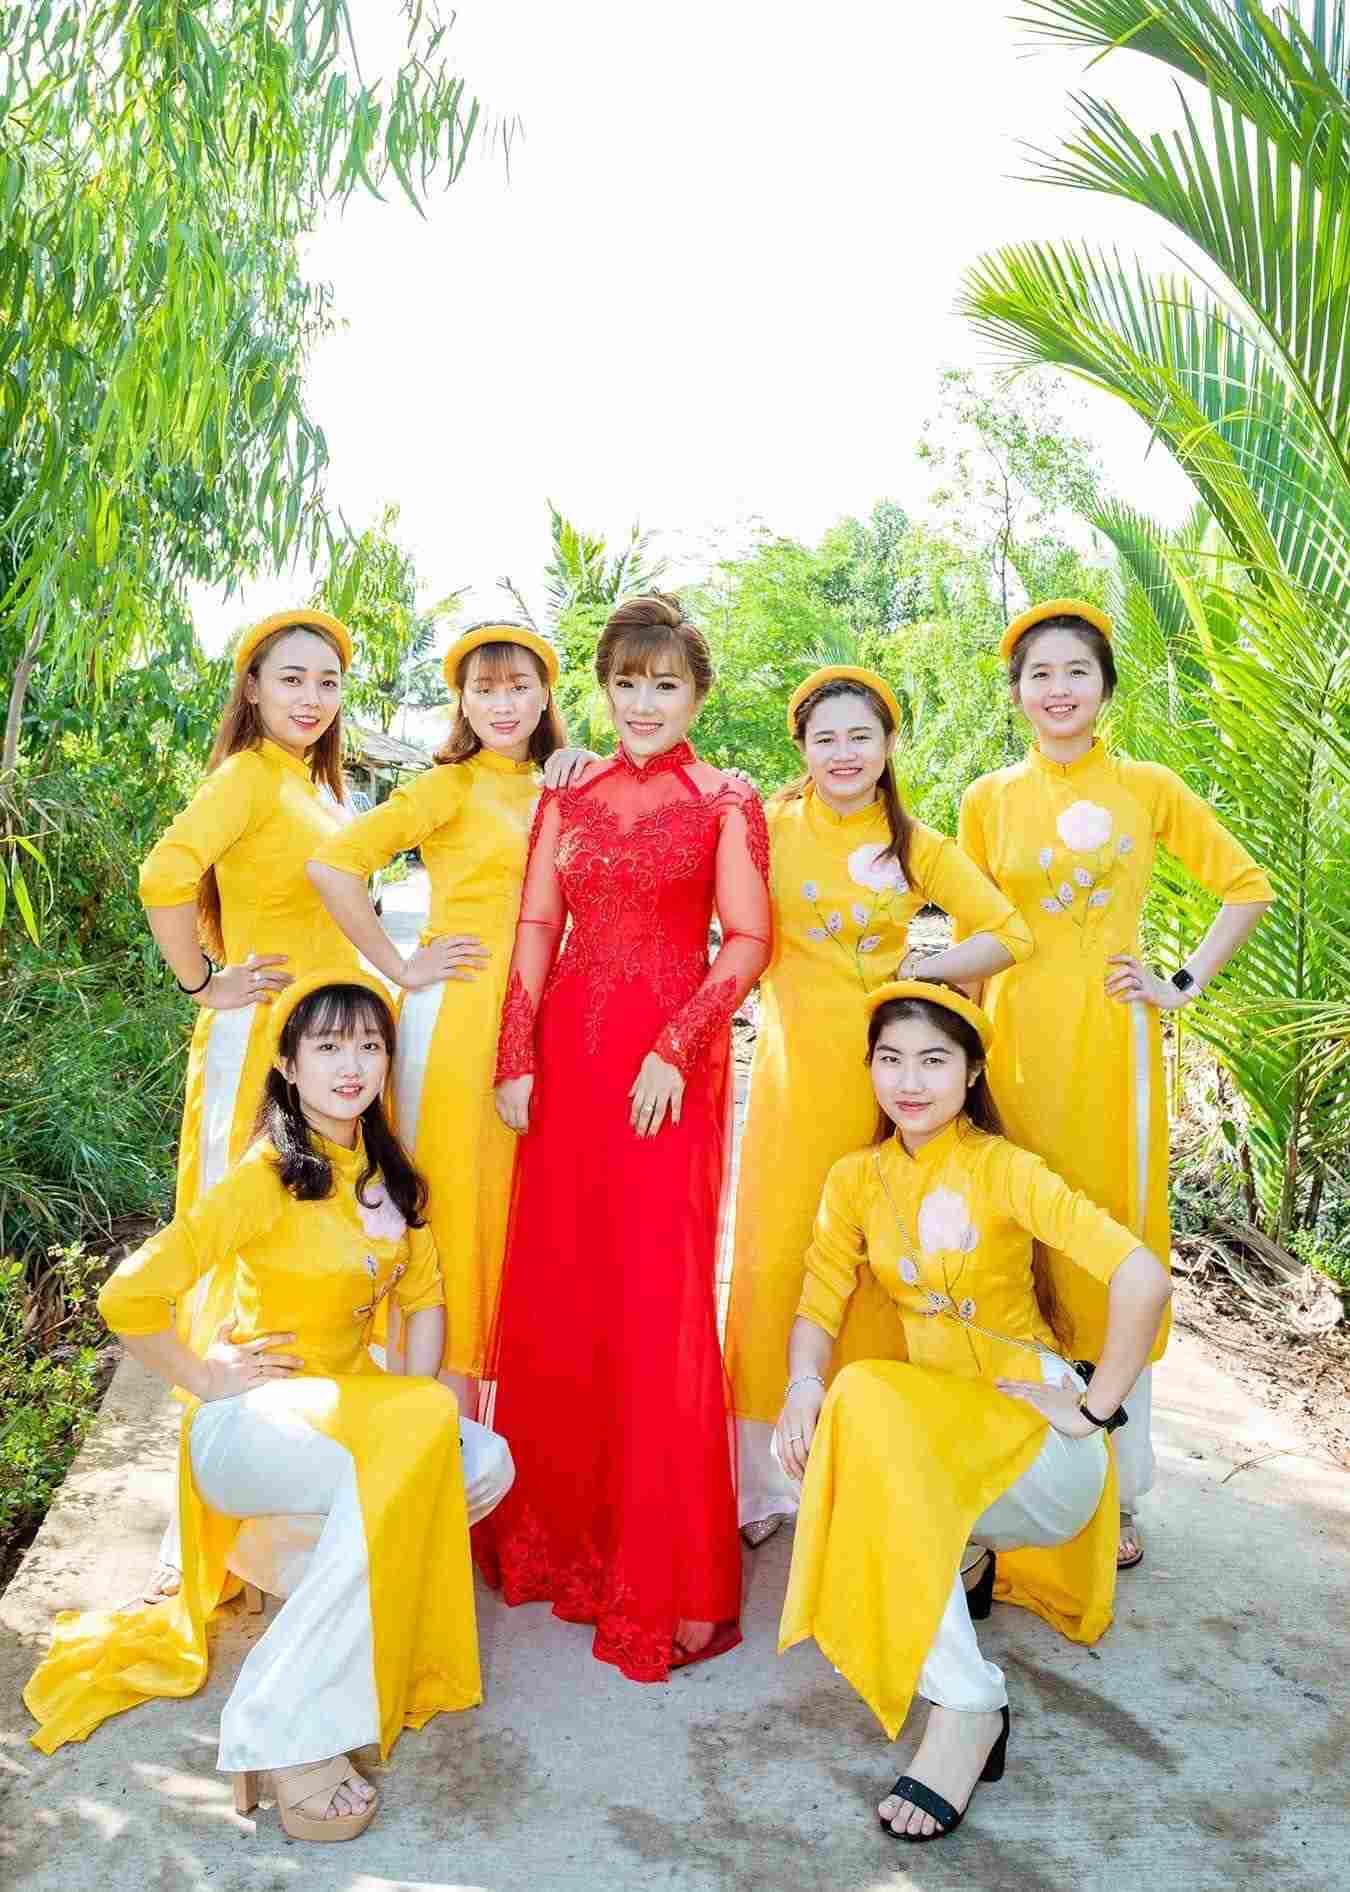 thuê áo dài bưng quả màu vàng giá rẻ tại Tài Lộc